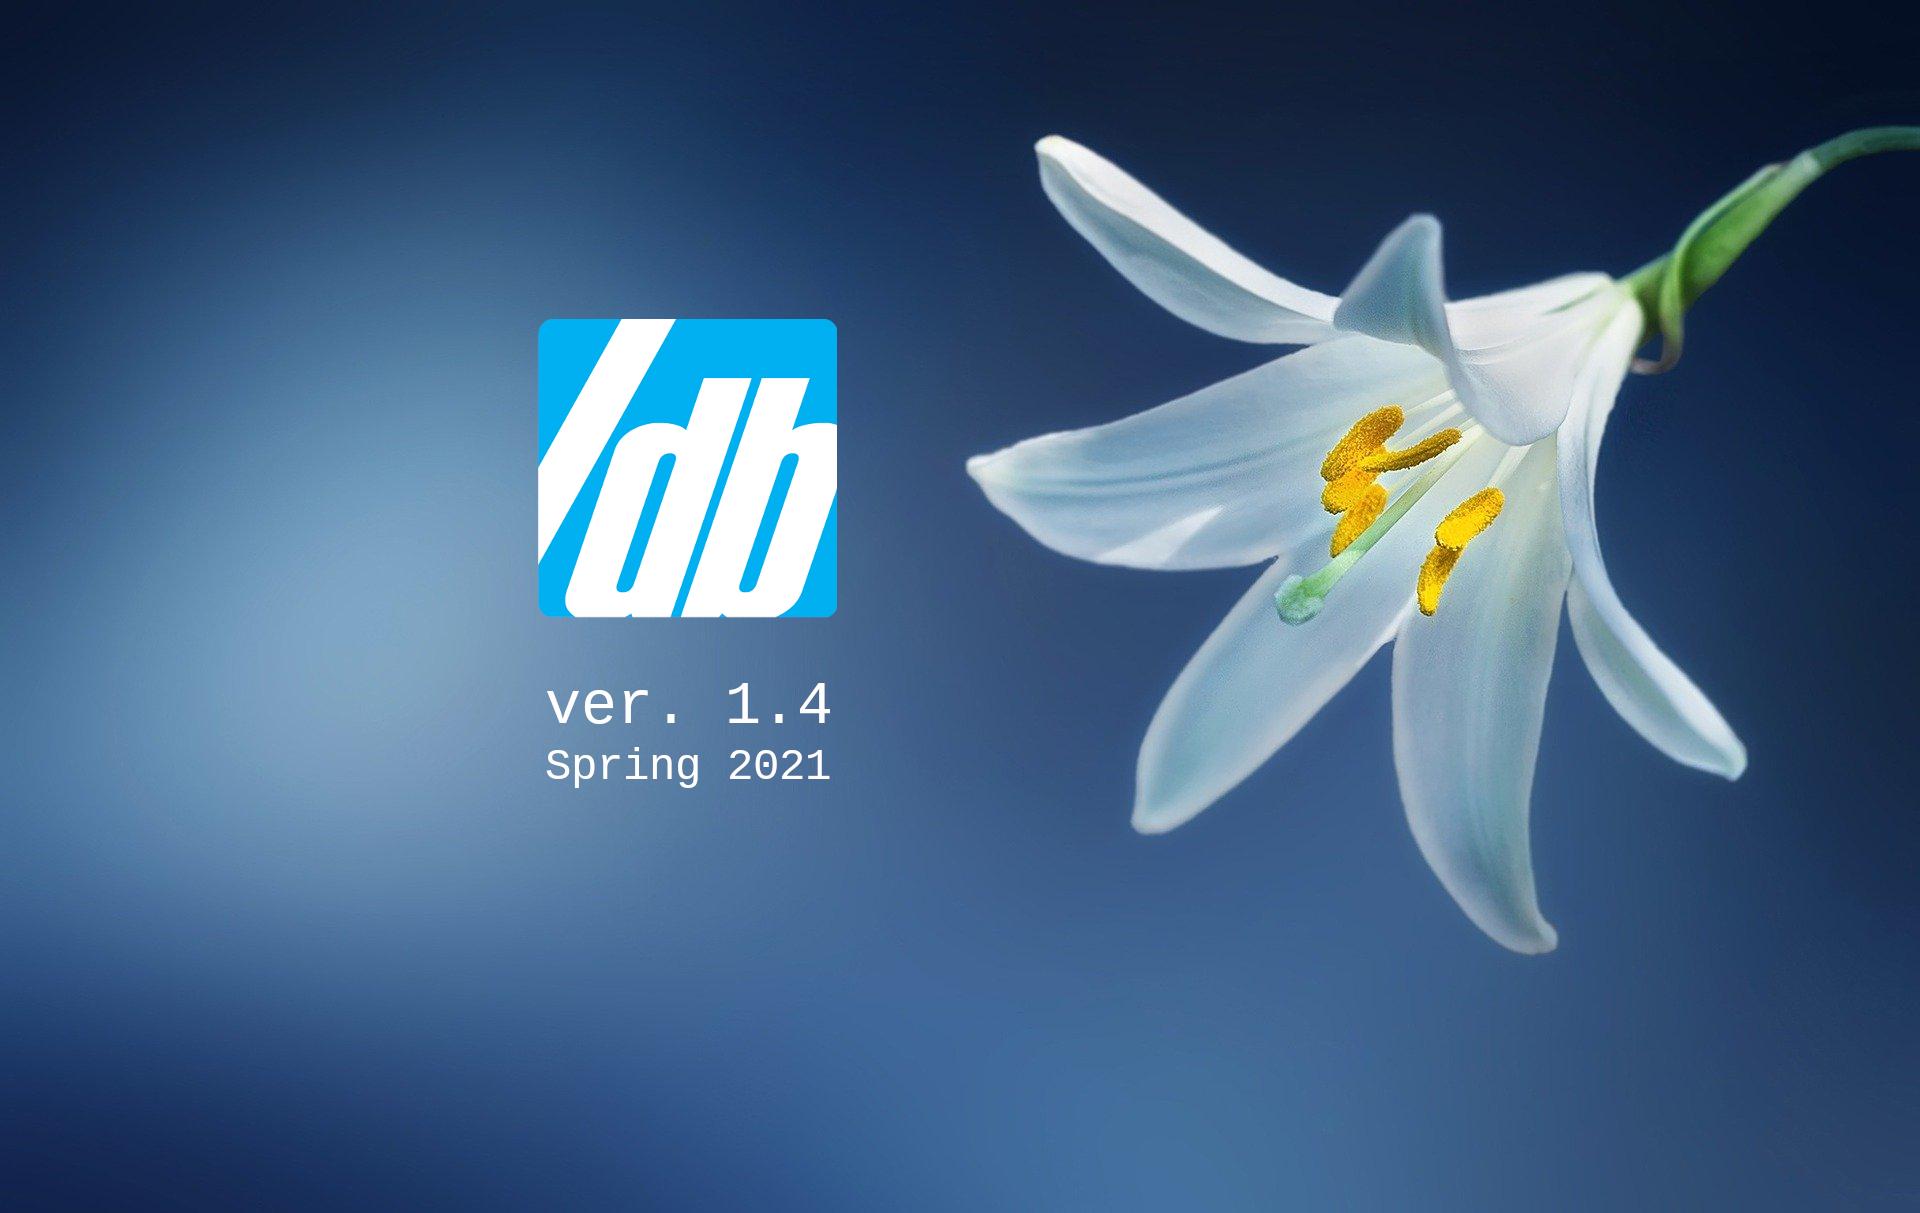 SlashDB V. 1.4 Spring 2021